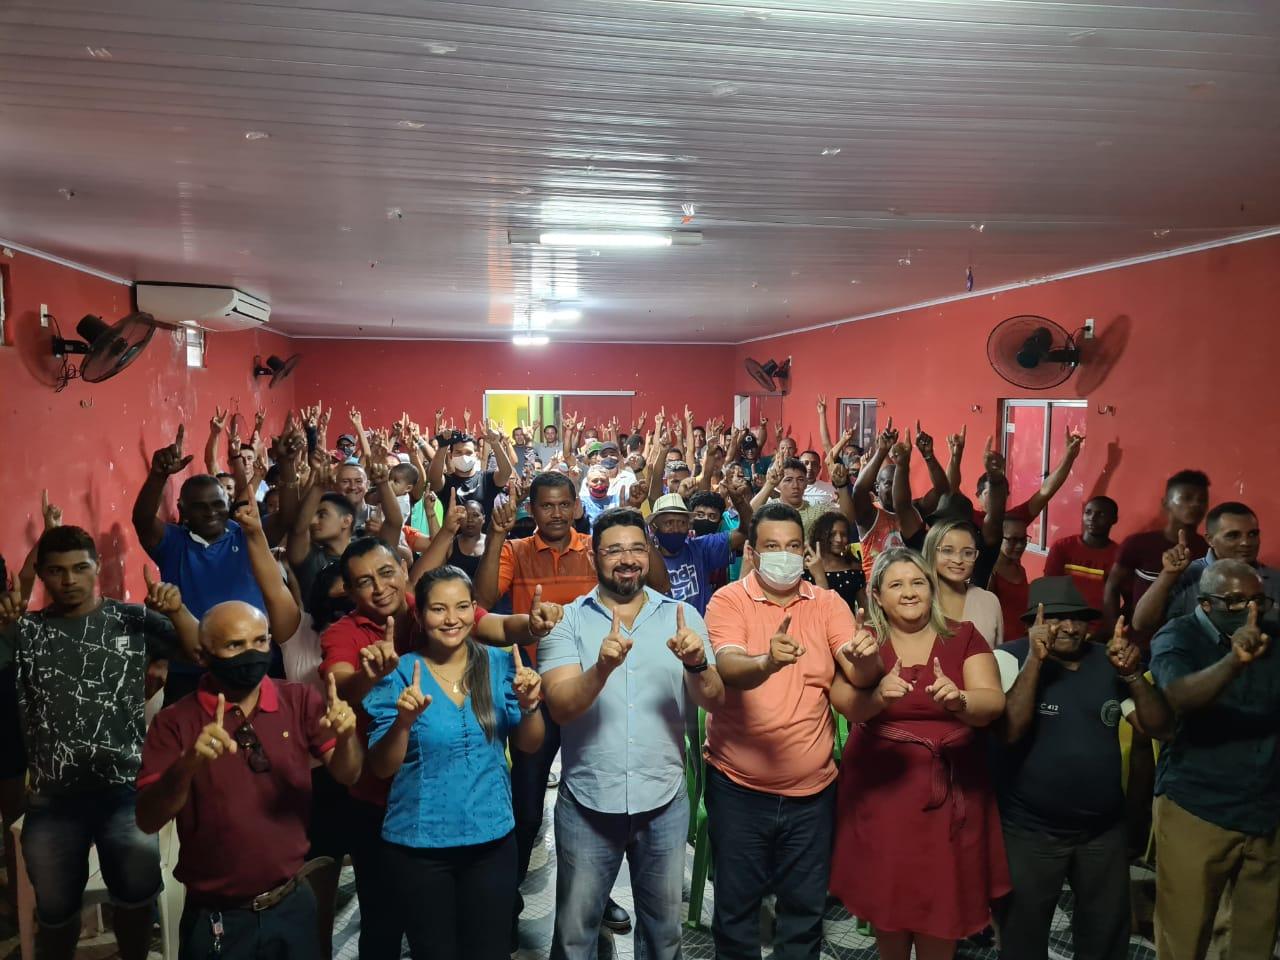 CAMILA DO CHICO MIGUEL LANÇA SUA CANDIDATURA A VEREADORA